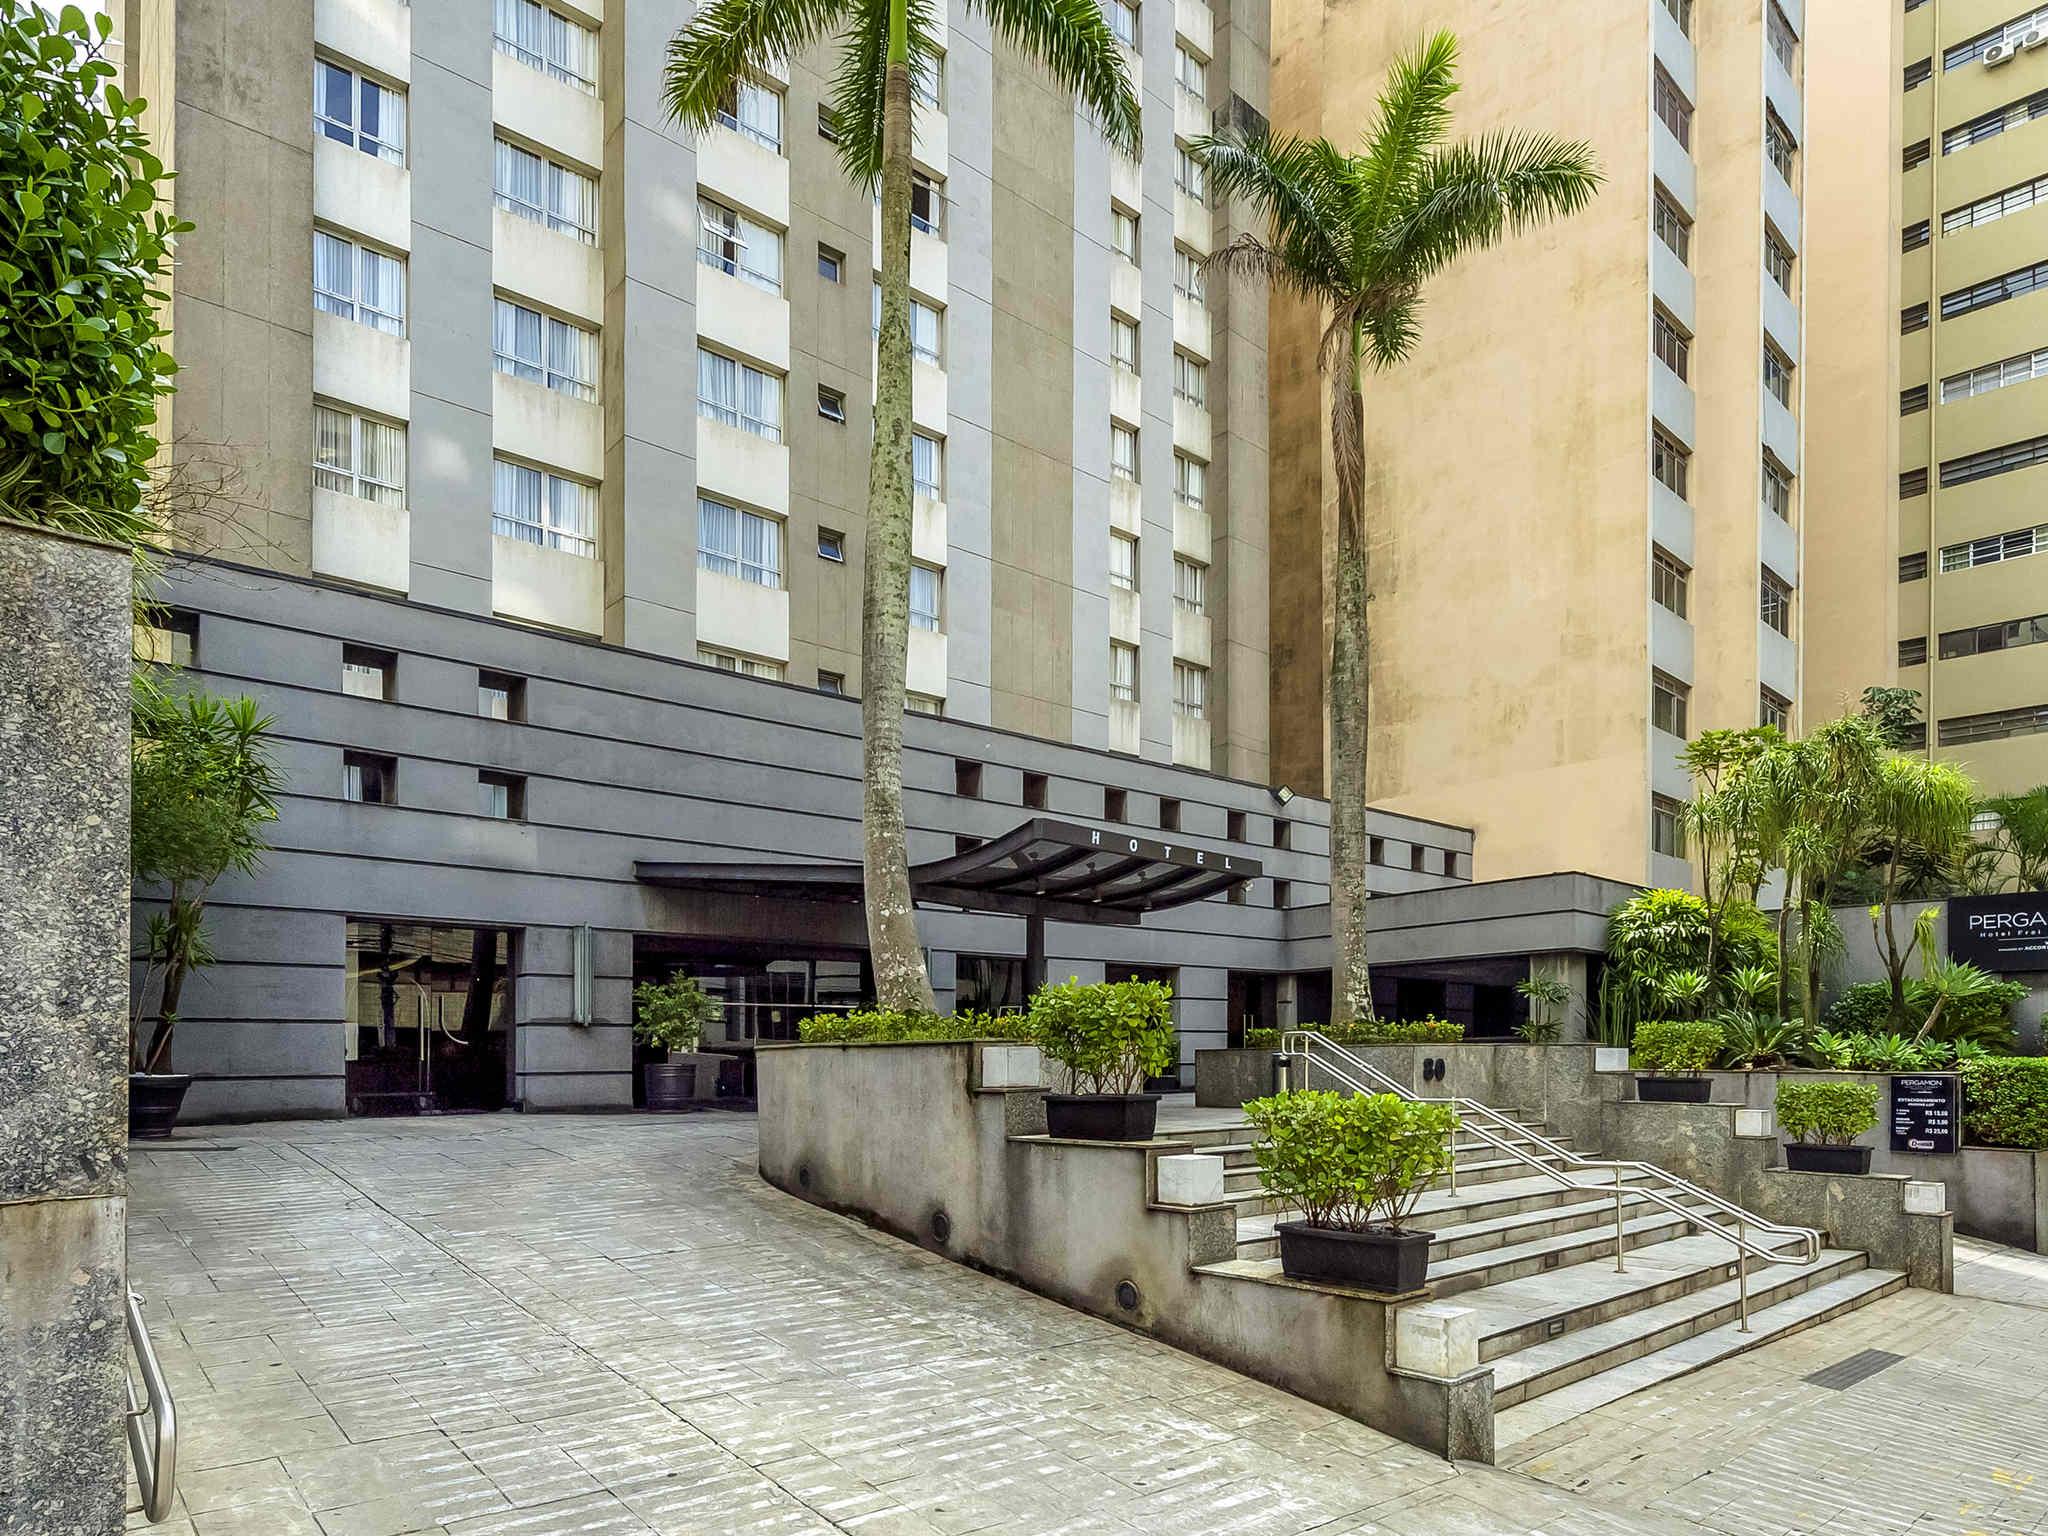 Otel – AccorHotels Yönetiminde - Pergamon Hotel Frei Caneca